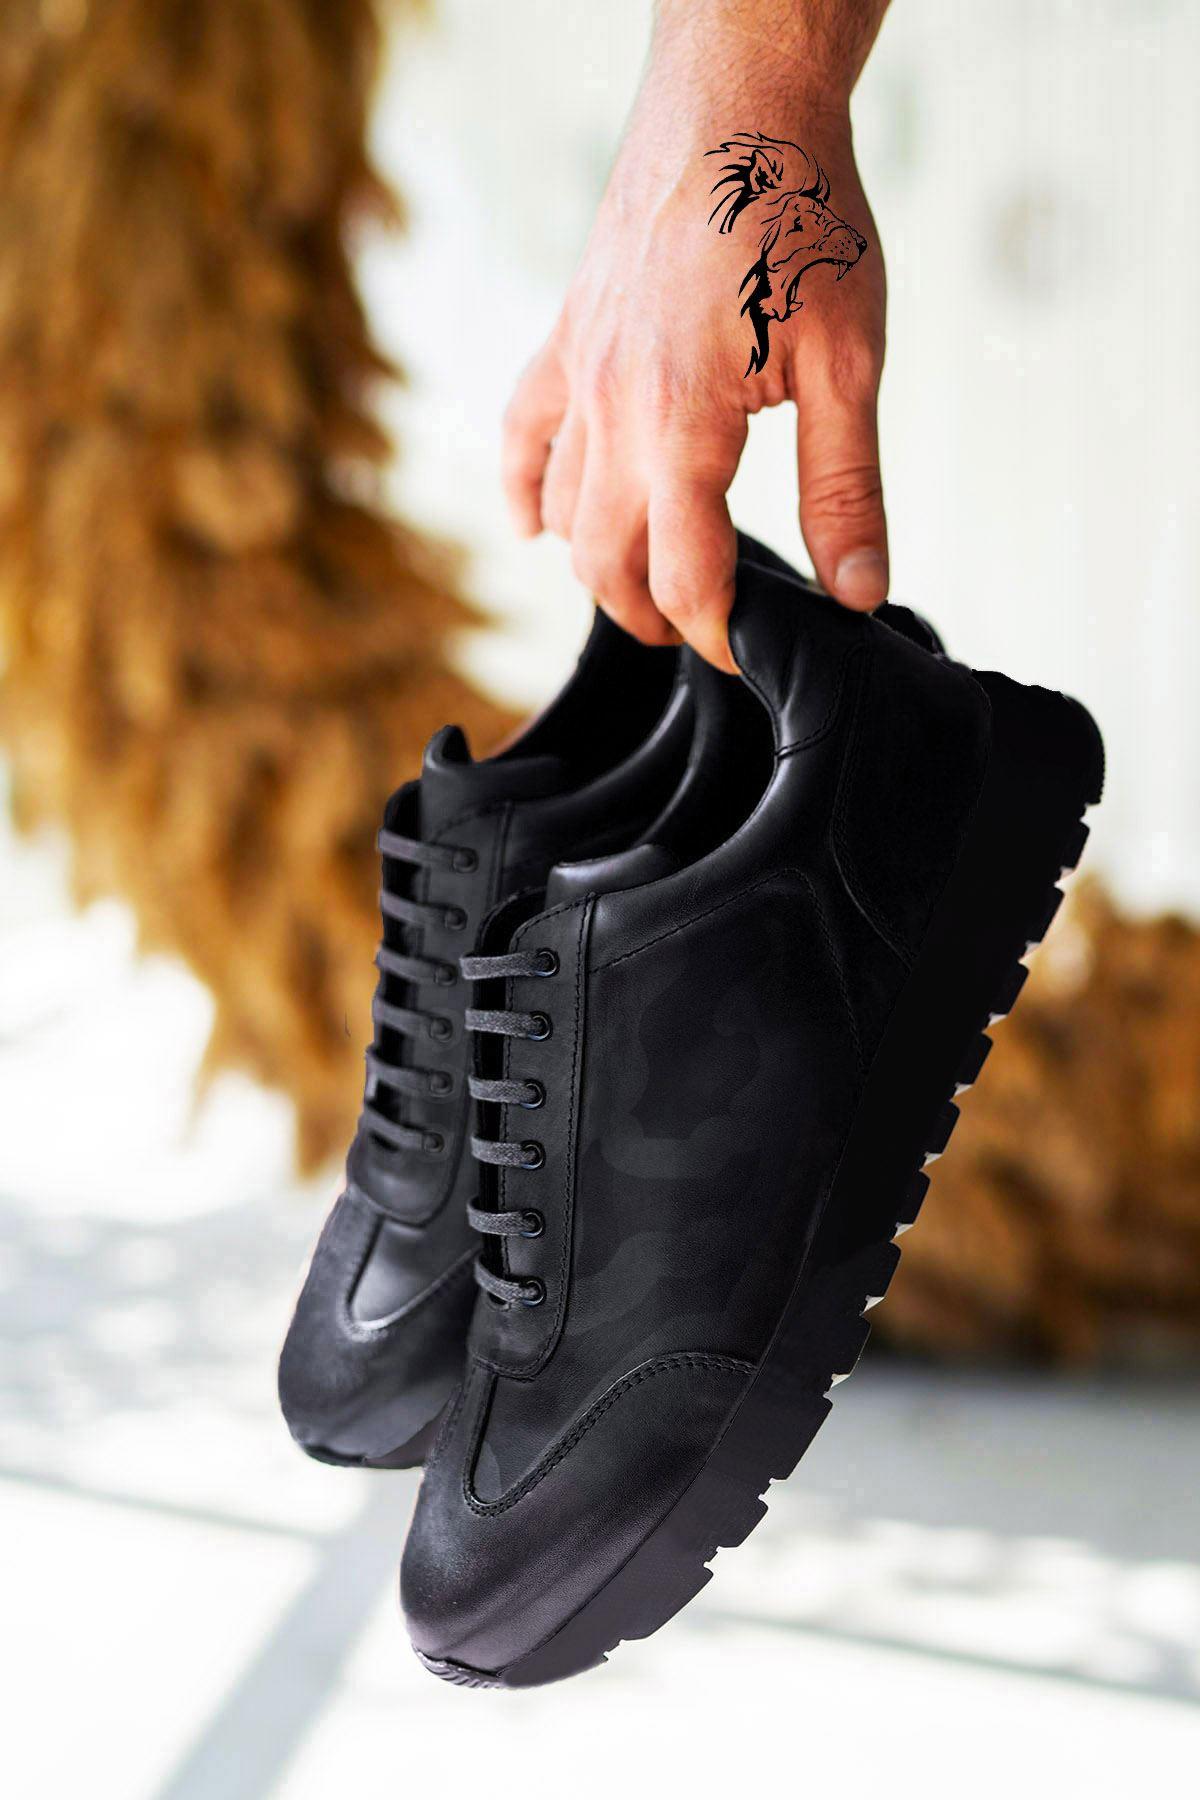 Siyah Kamuflaj Hakiki Deri Erkek Spor Ayakkabı